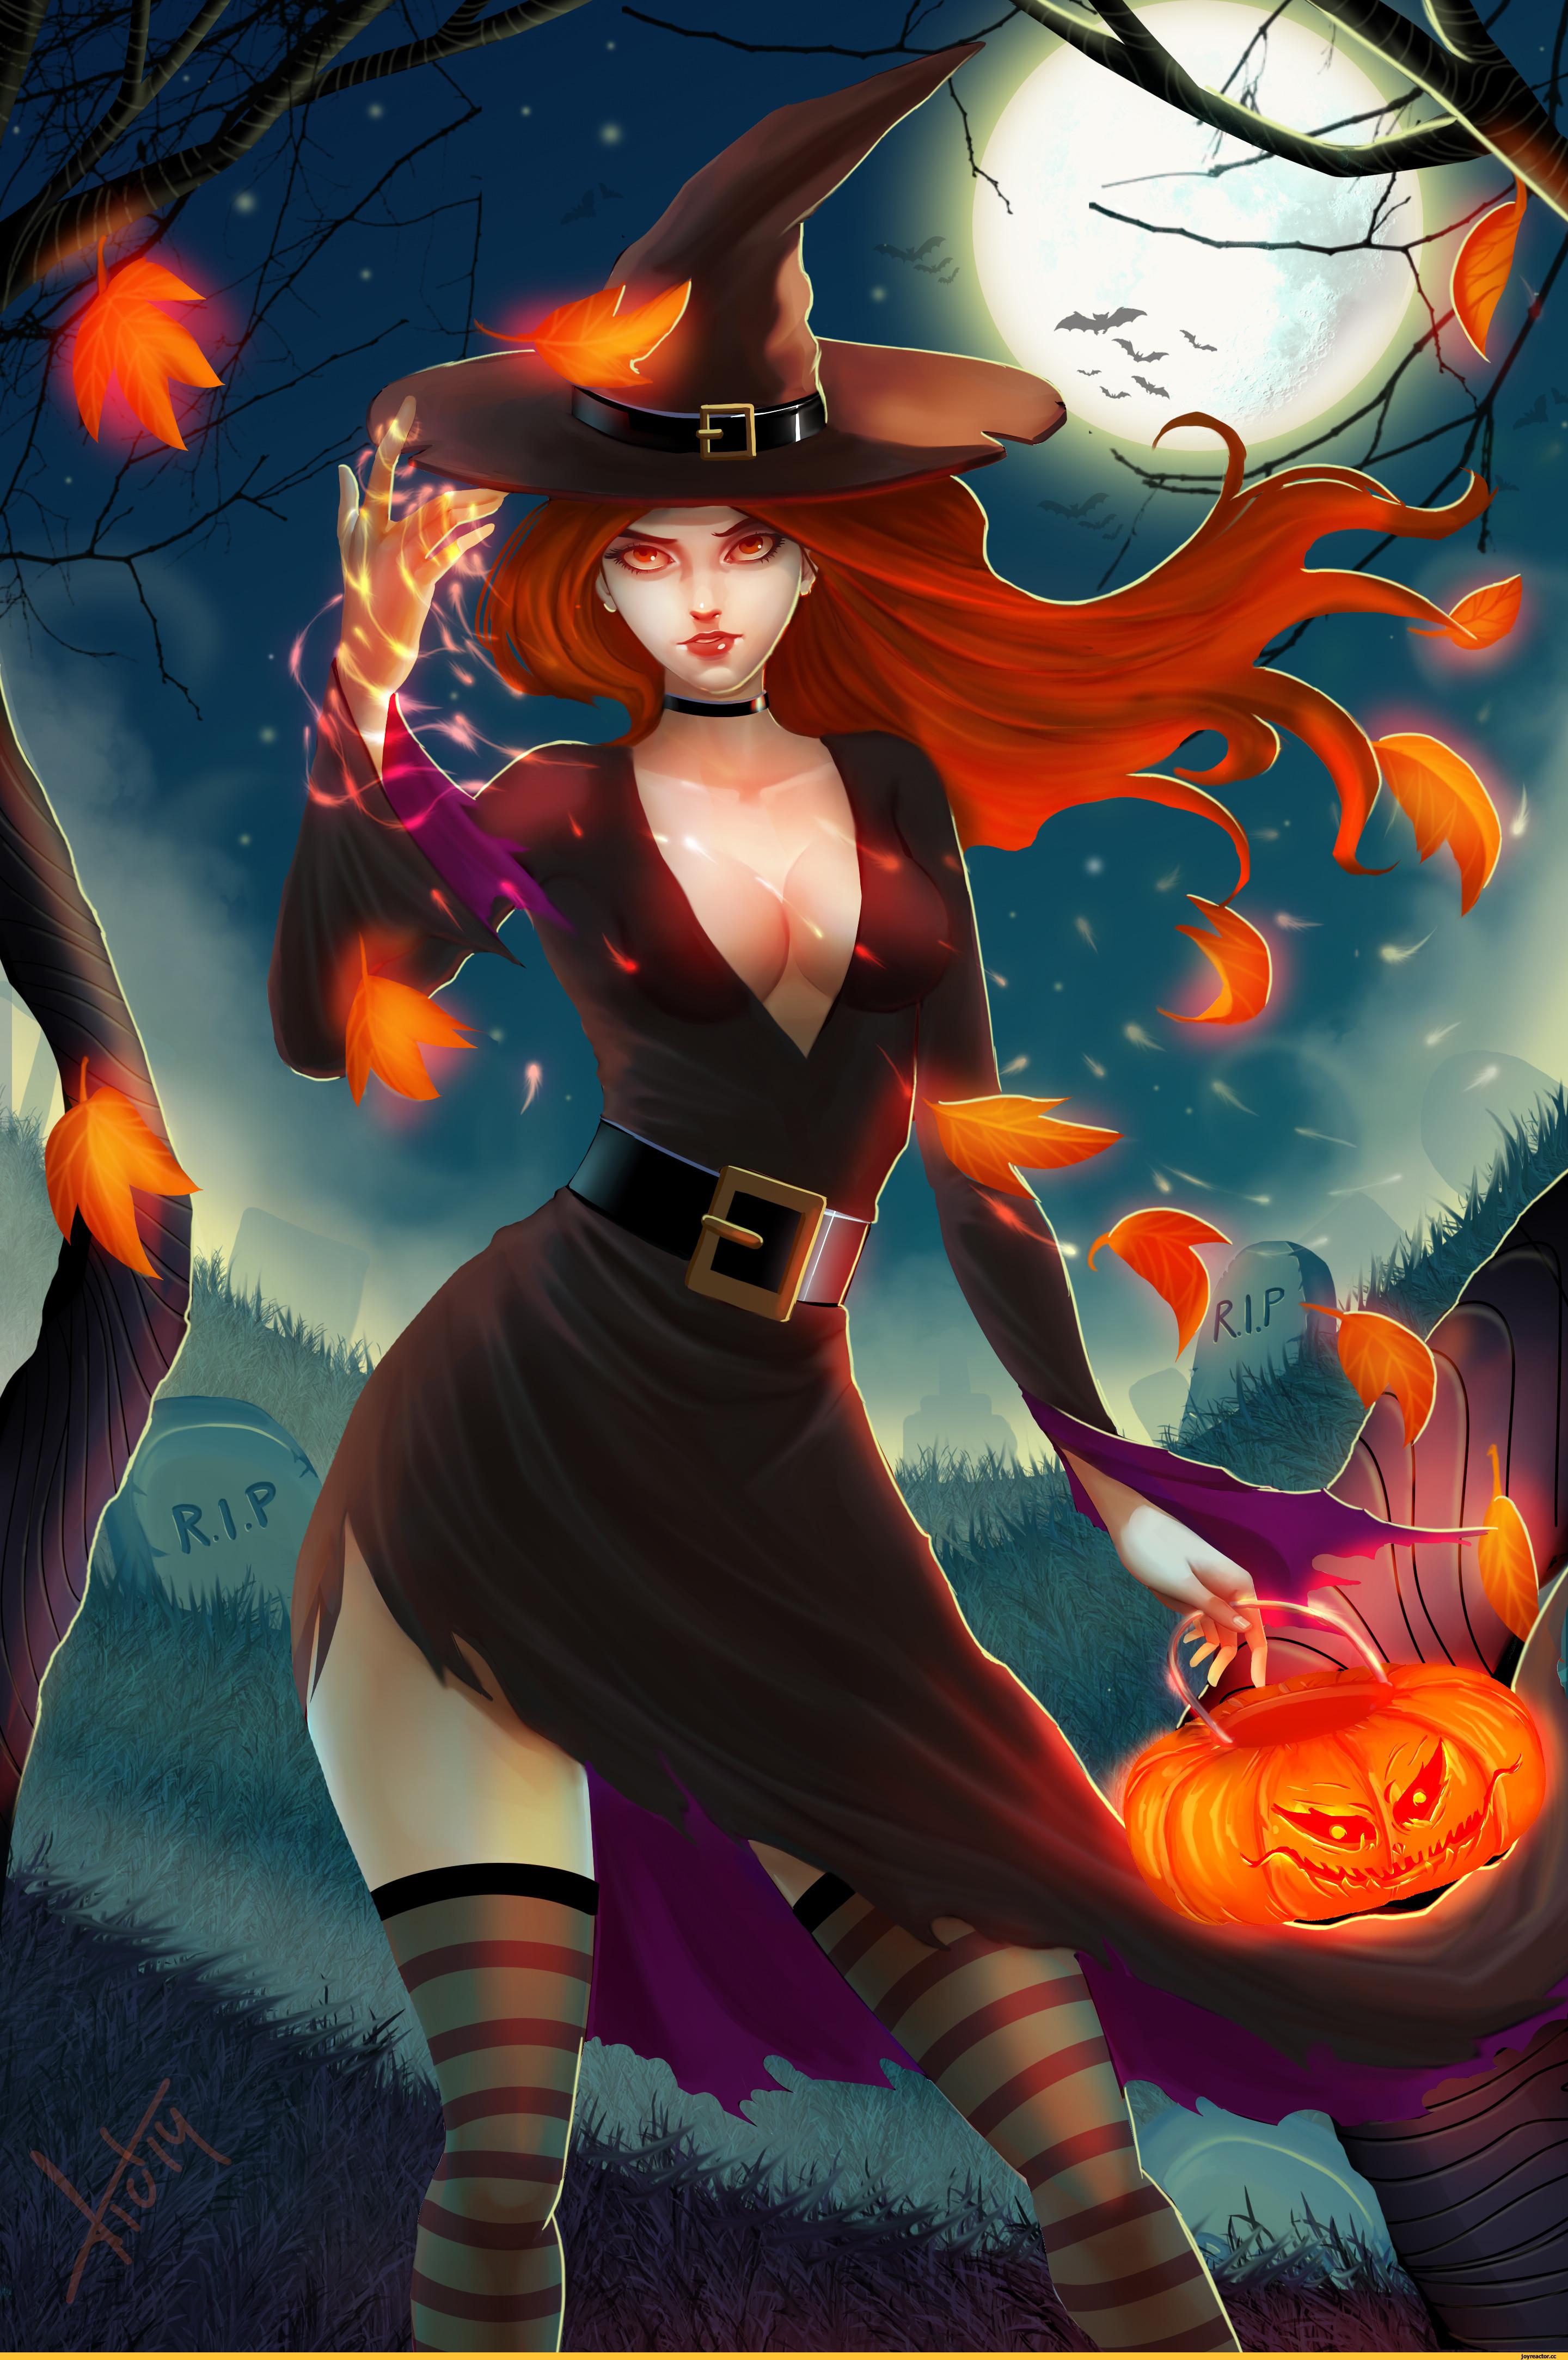 Картинки красивых ведьмочек, смешные картинки крутые